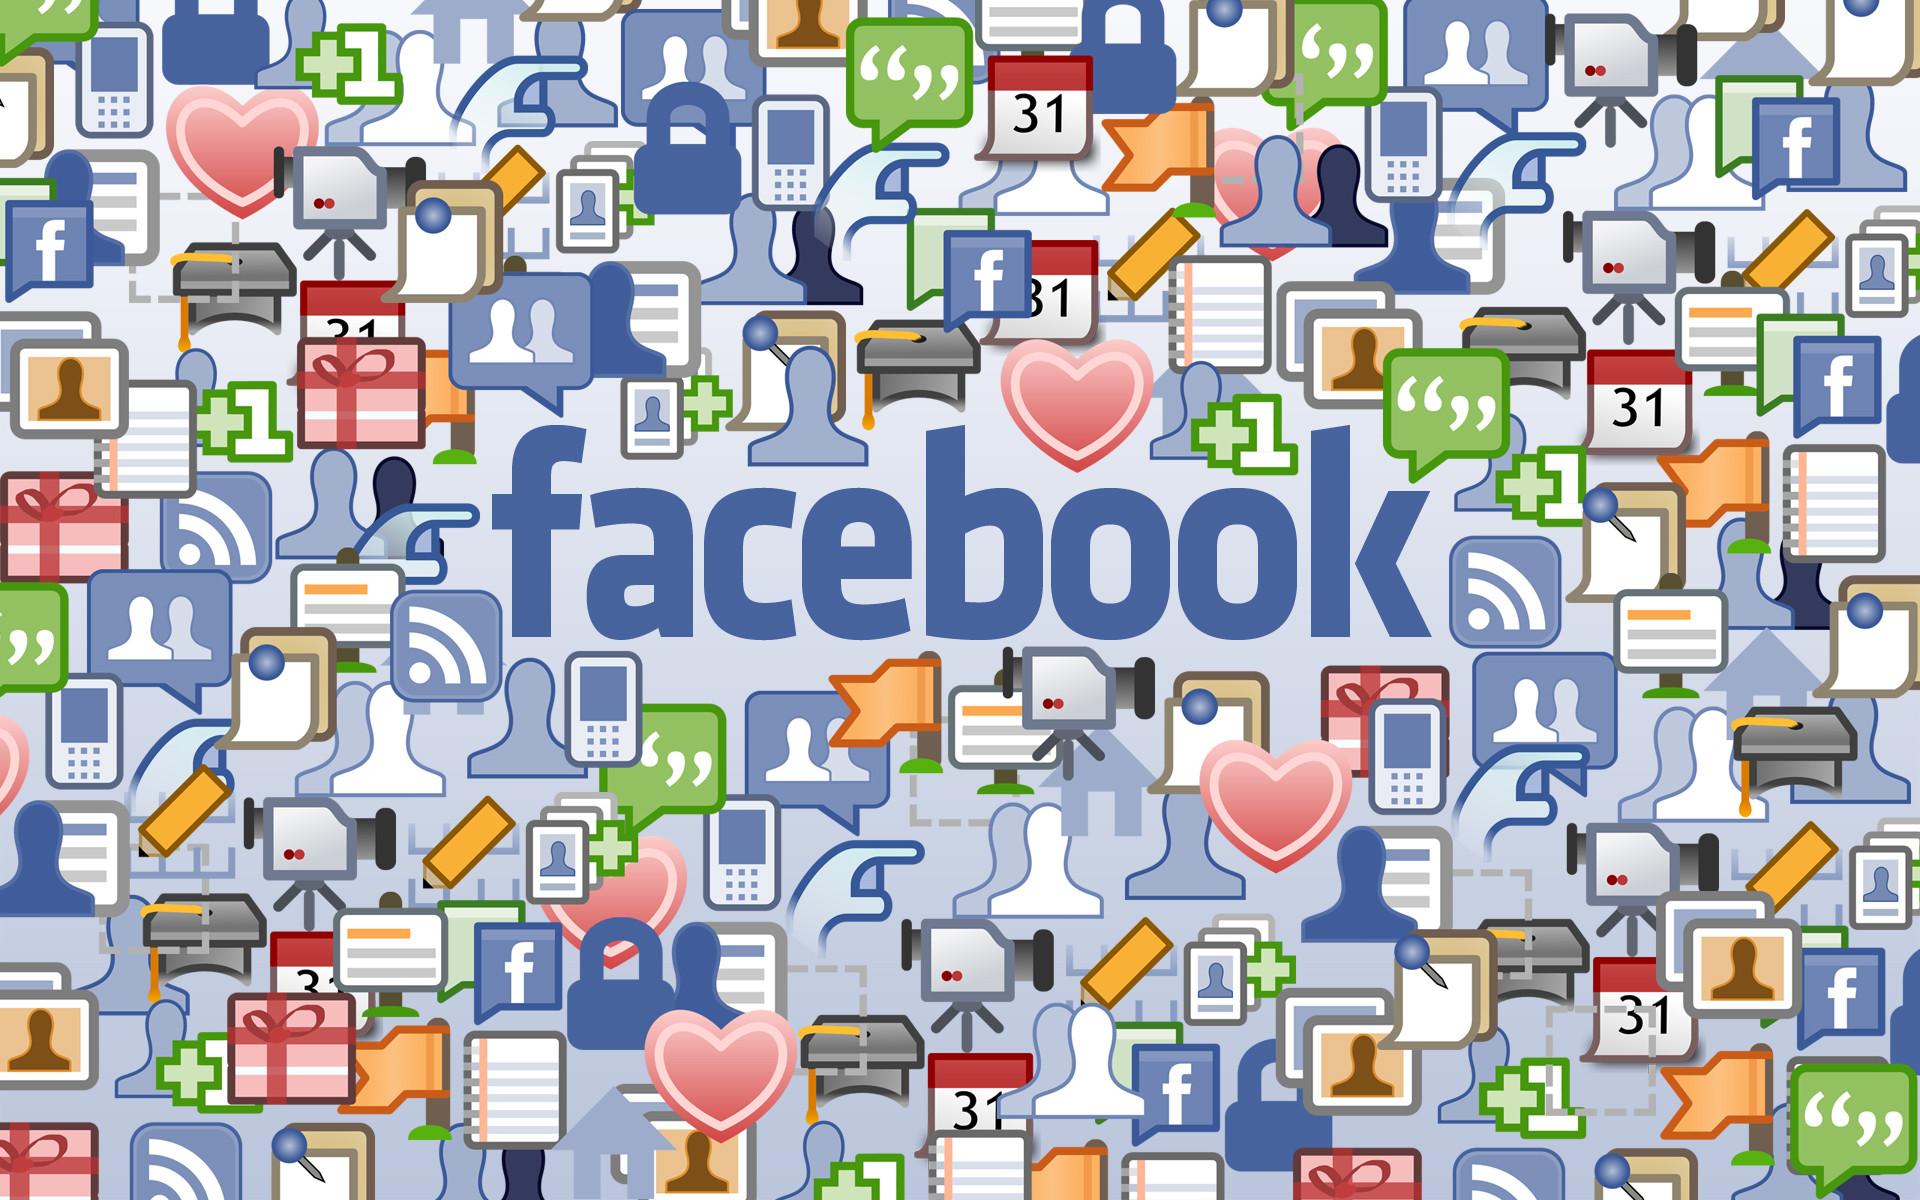 5 herramientas gratis para crear portadas para Facebook